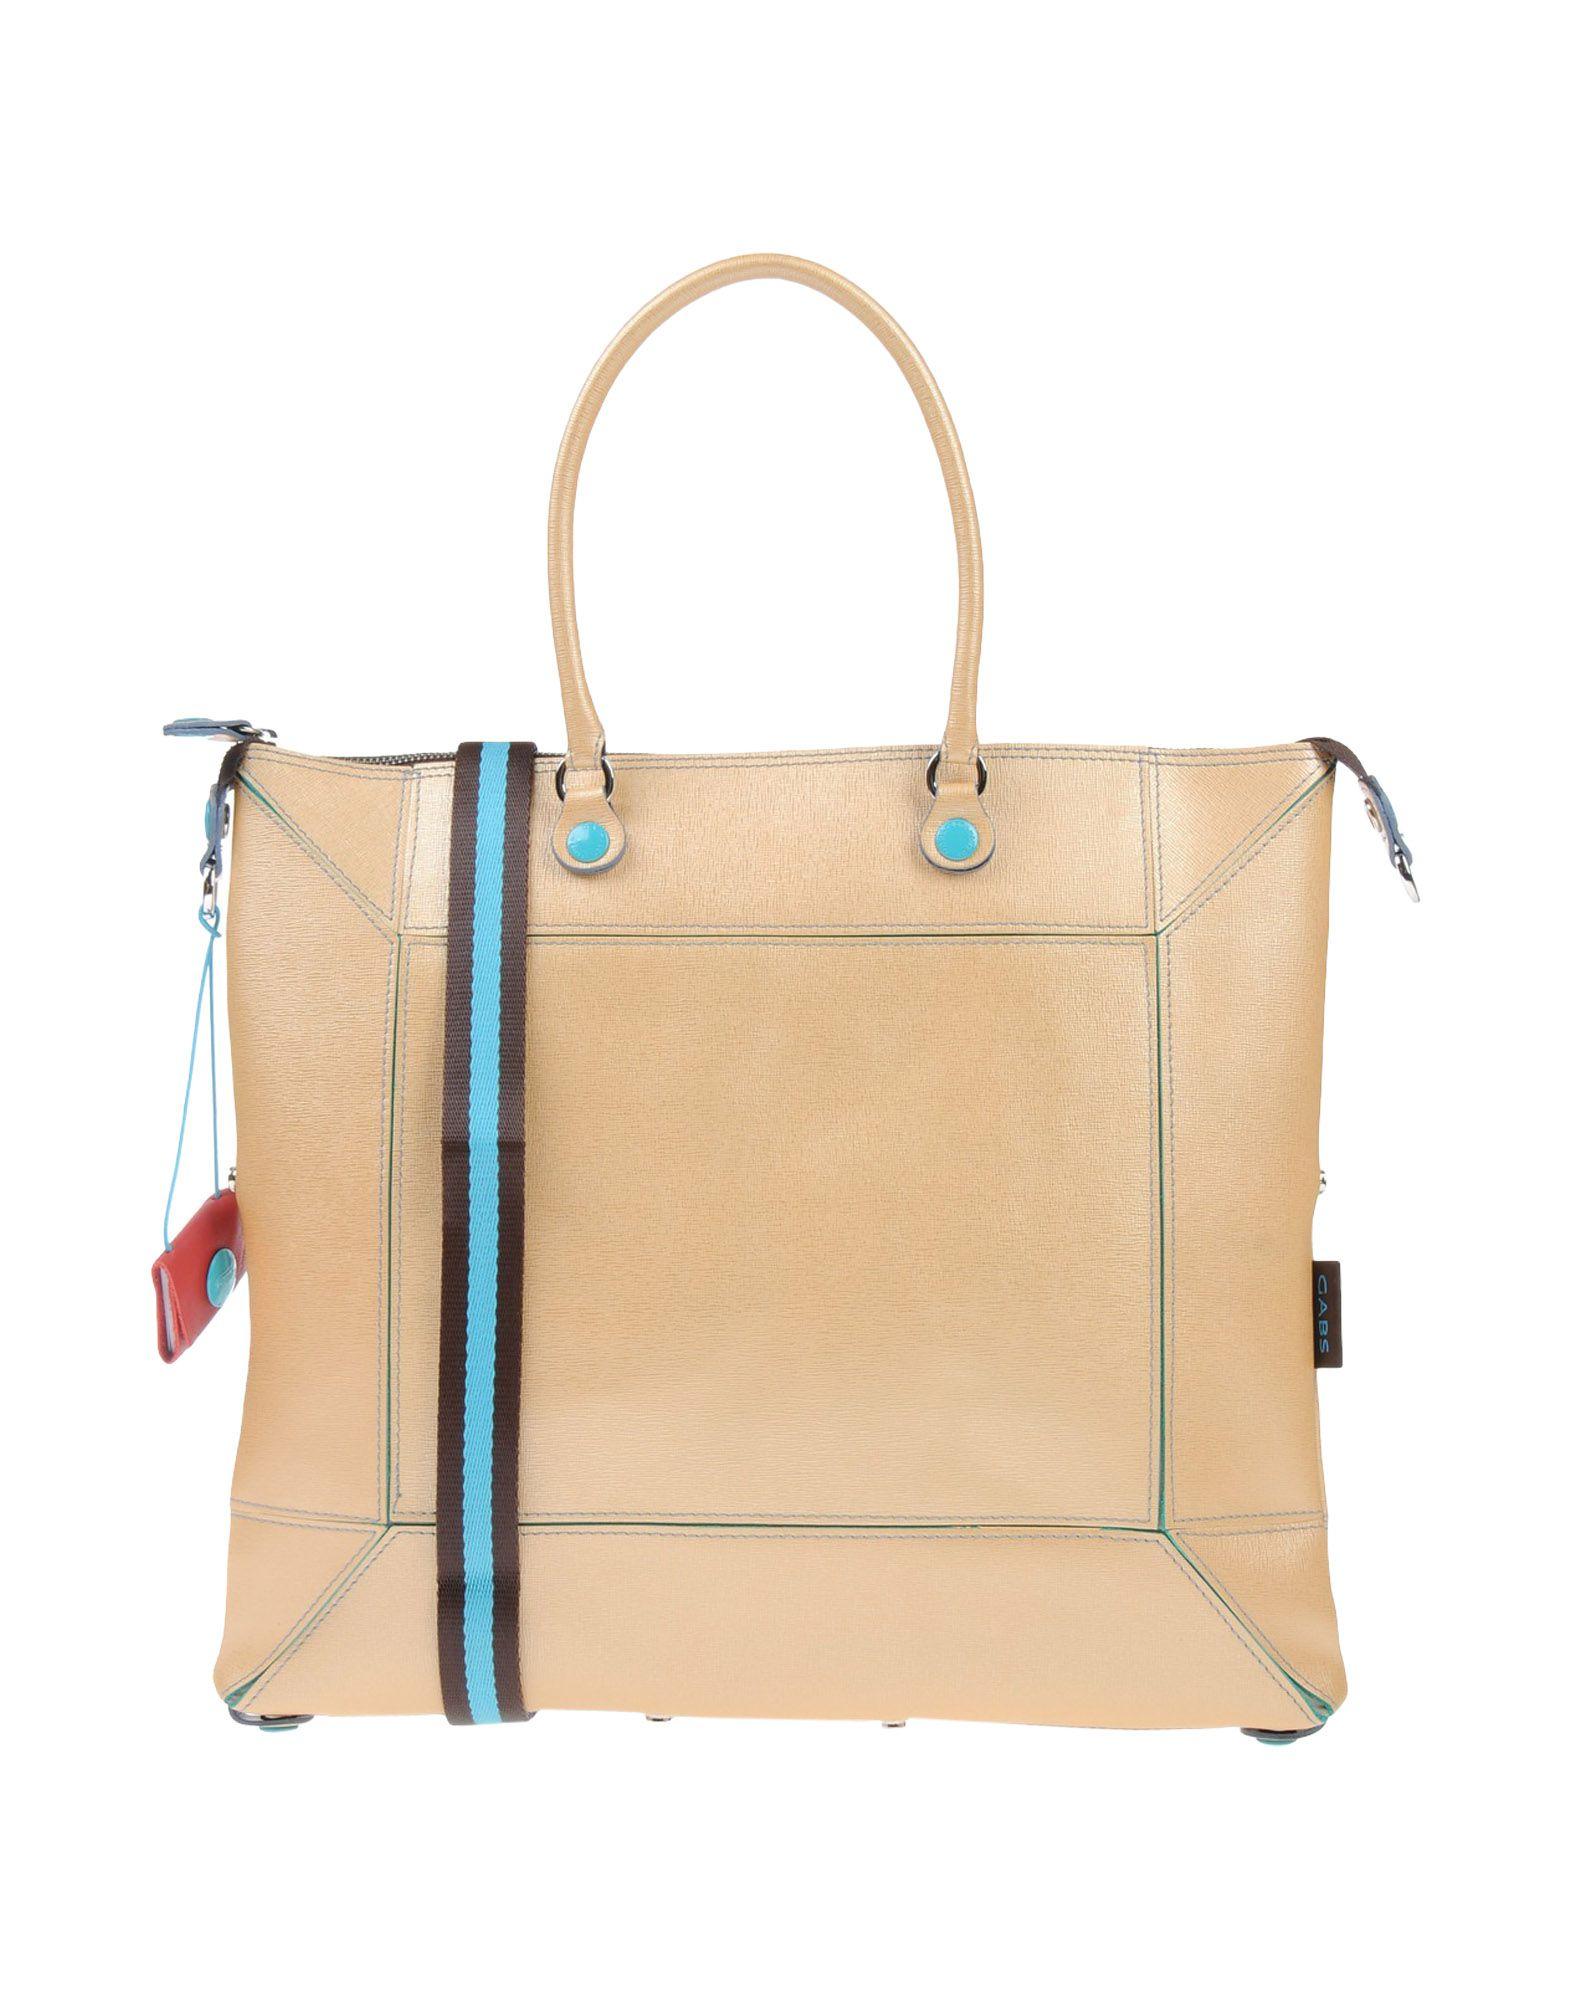 GABS Handbag in Gold